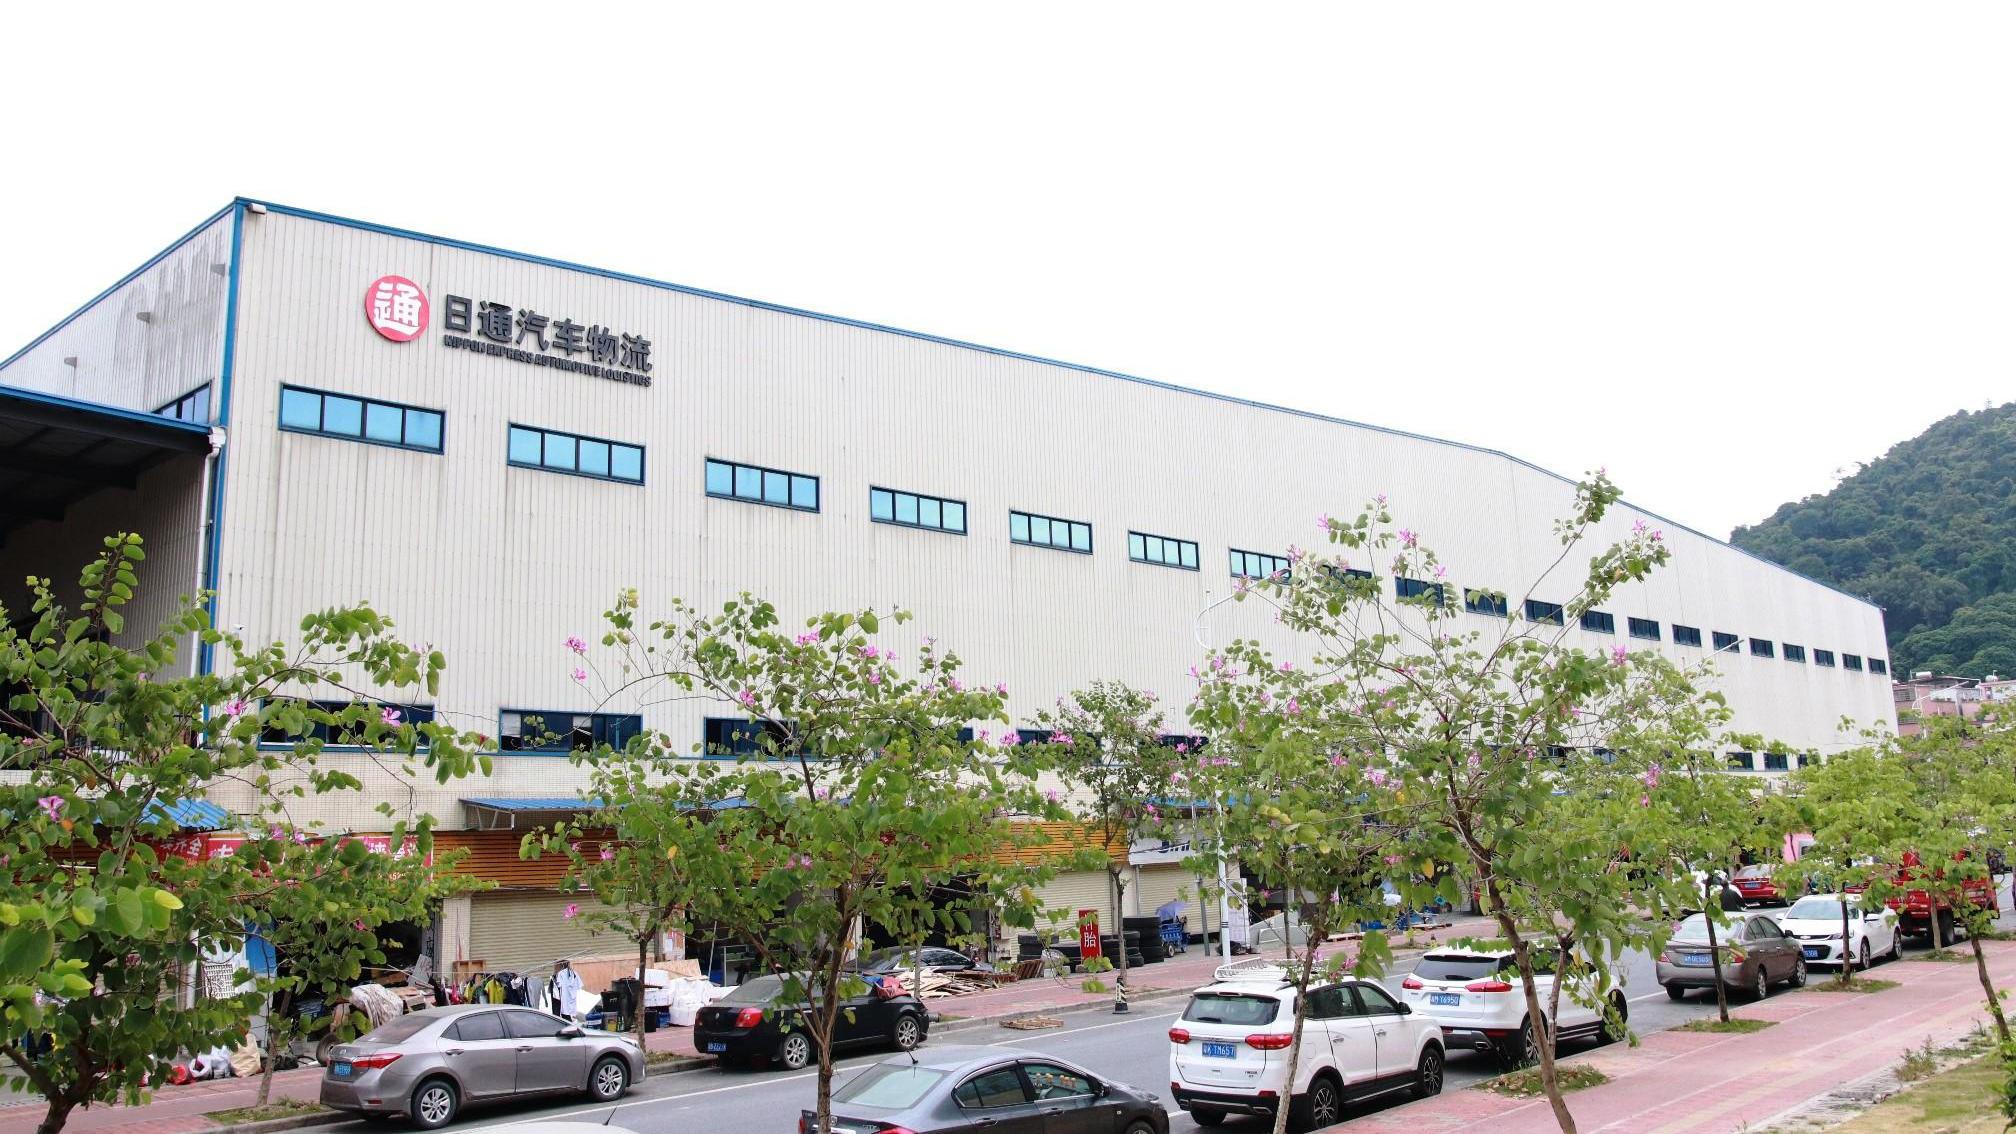 Nippon Express -Global Logistics Company-